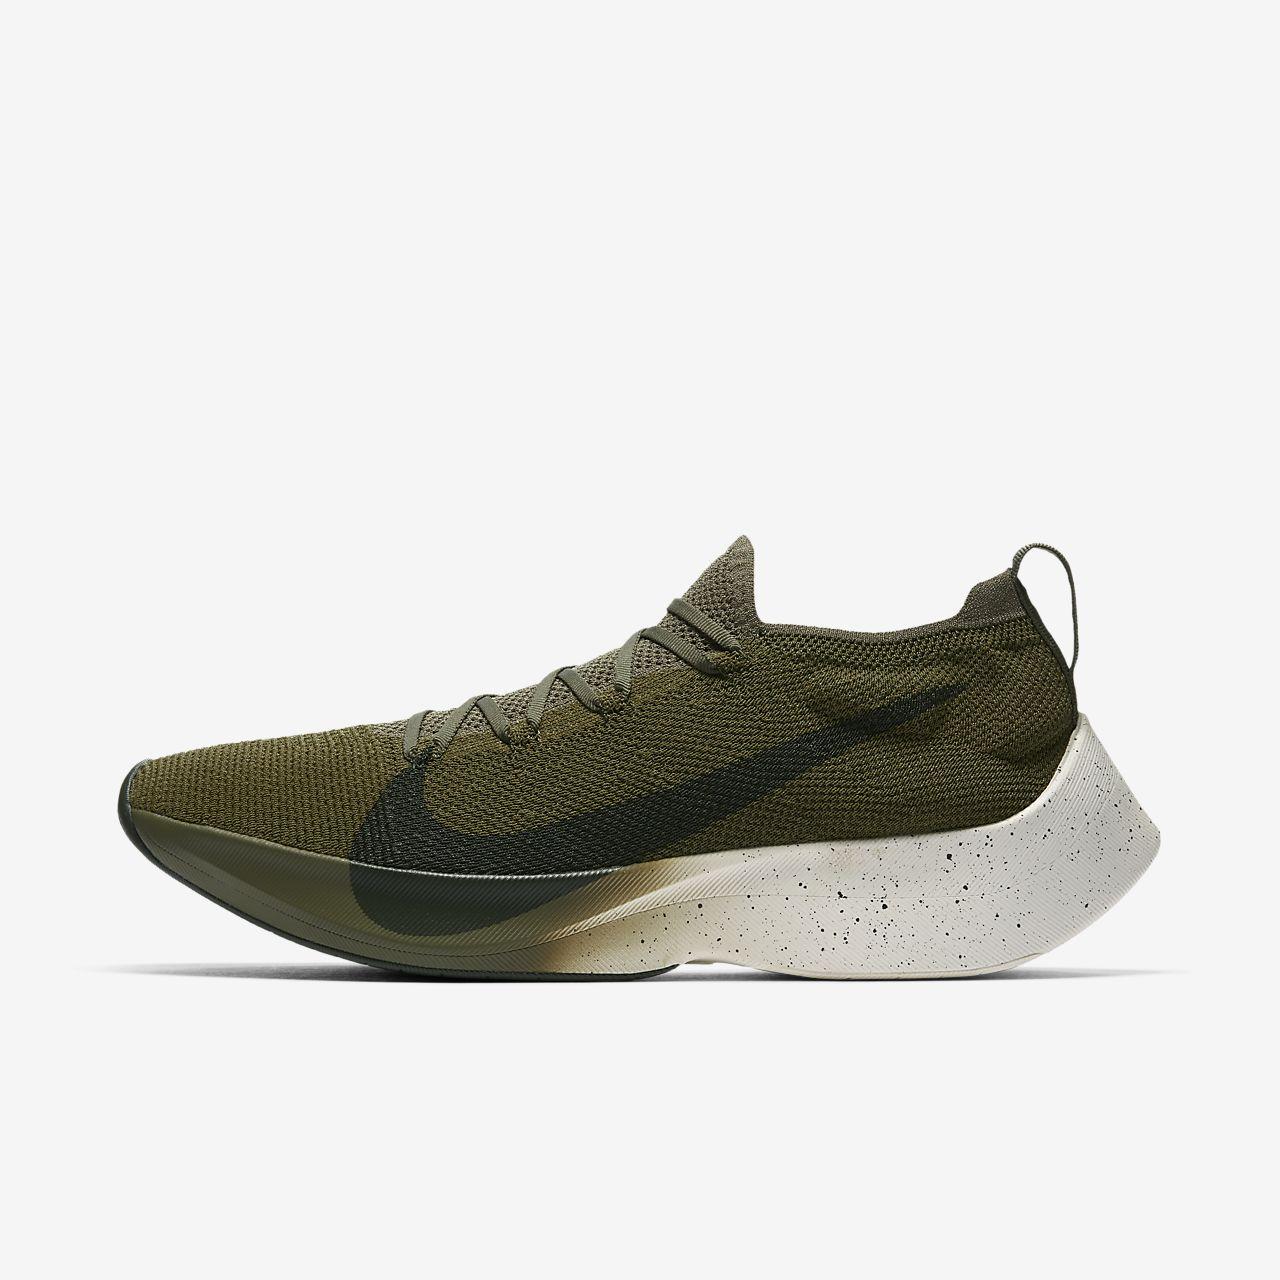 Sko Nike React Vapor Street Flyknit för män